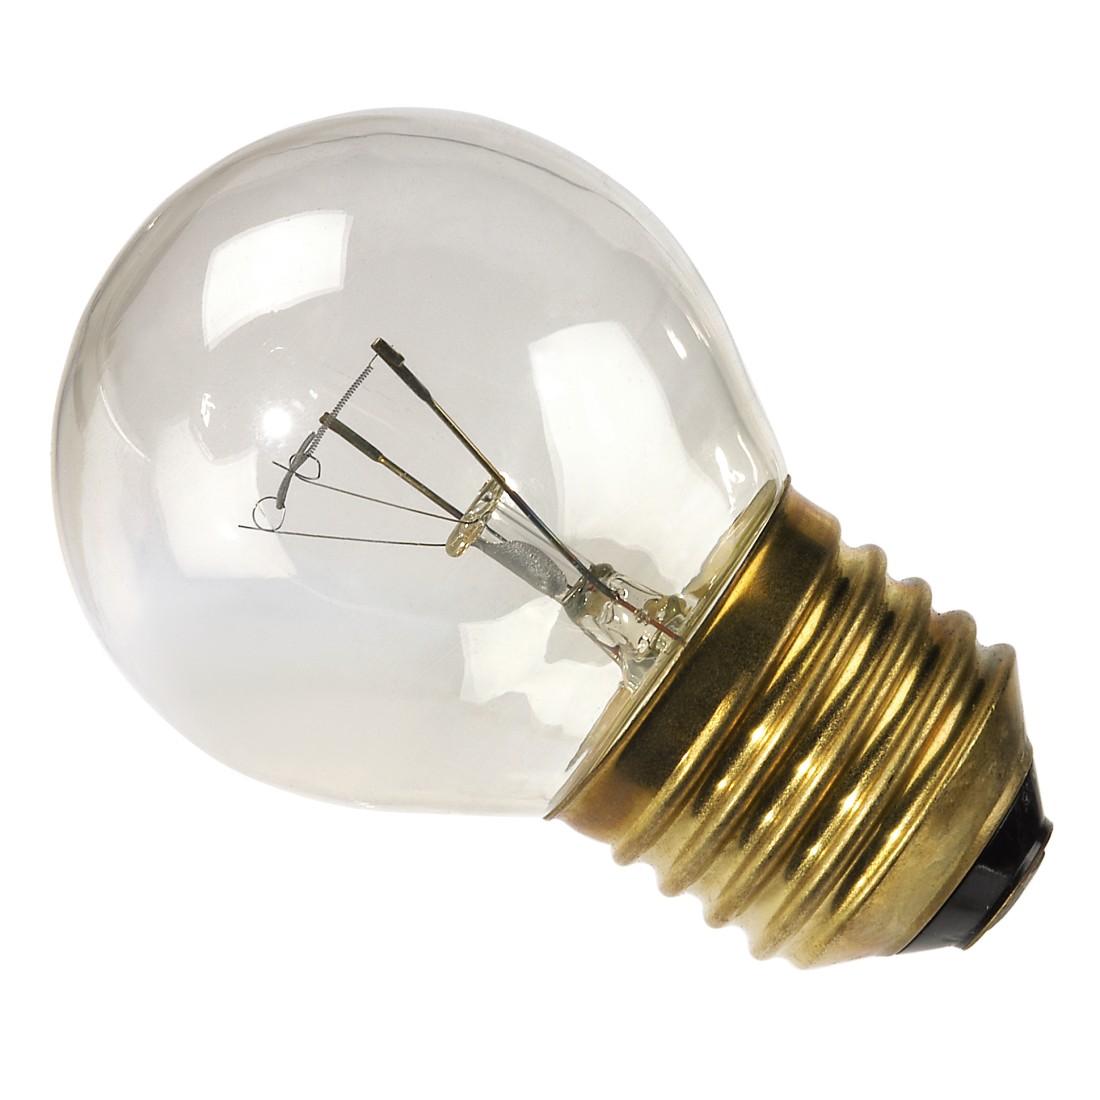 Backofen Lampe E14 300° 40W Klar Tropfenform